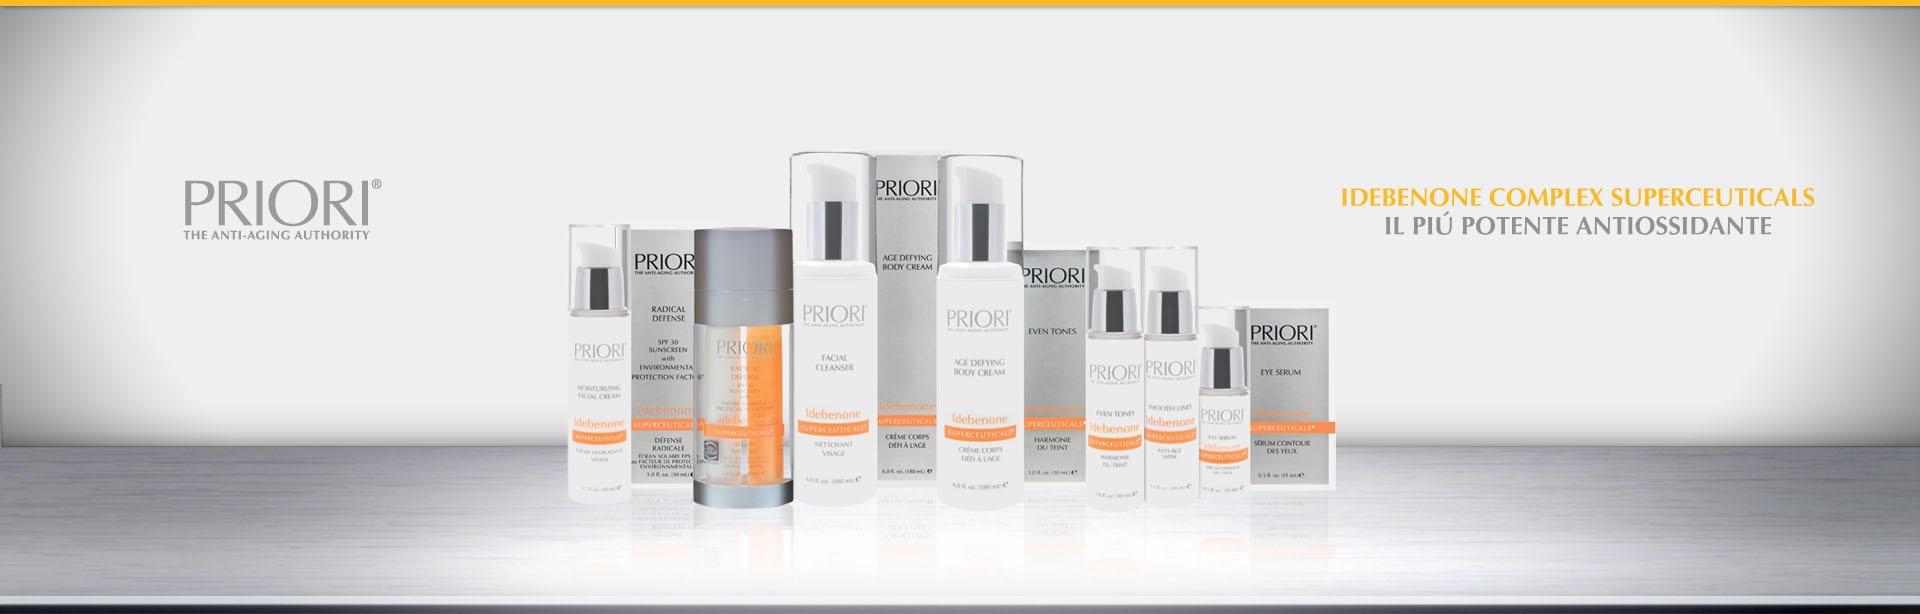 PRIORI Skincare - Idebenone Complex Superceuticals